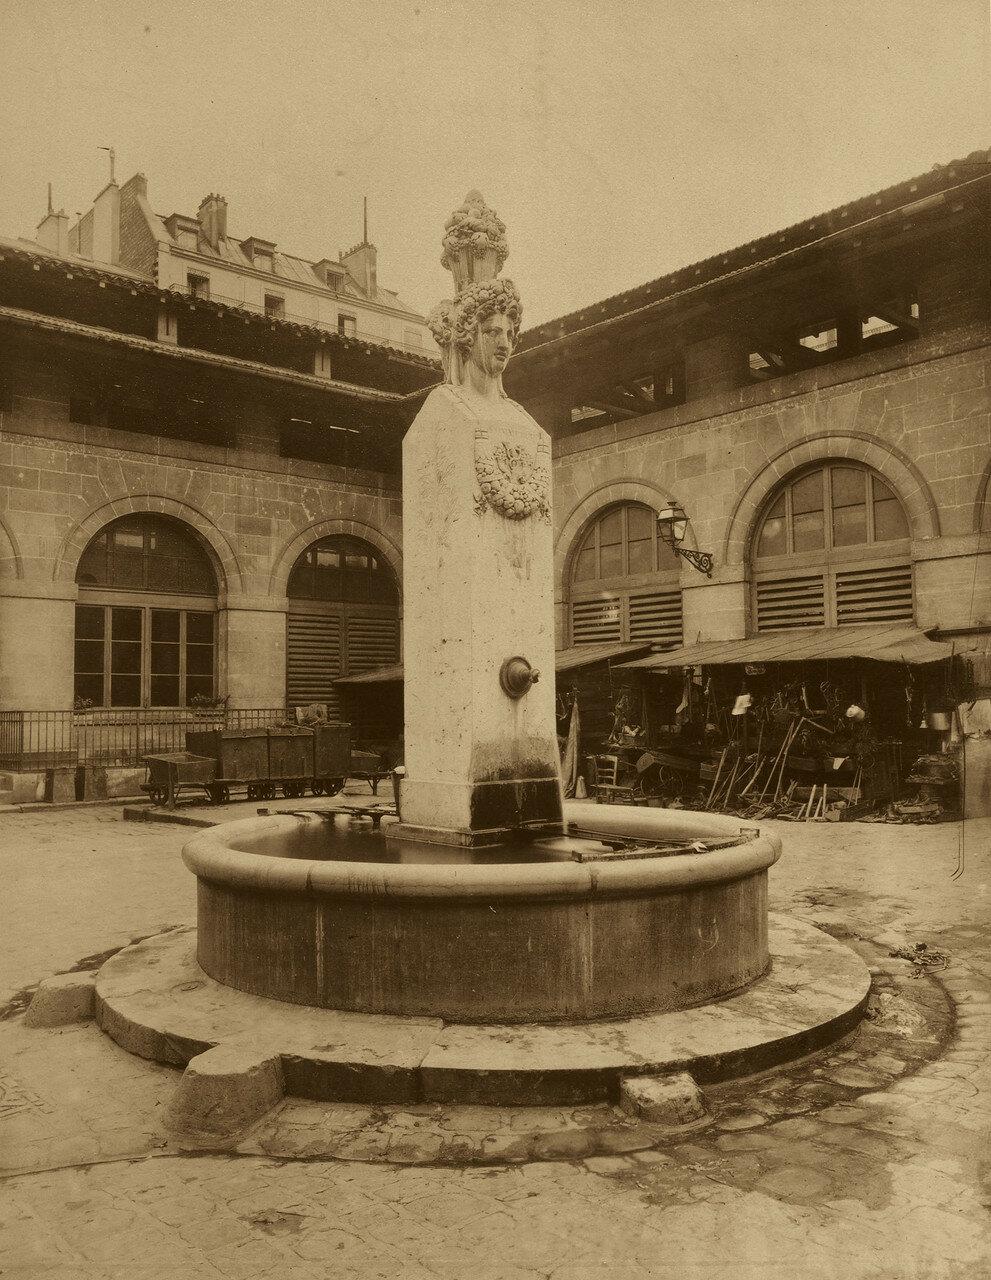 1898. Бульвар Сен-Жермен. Во дворе монастыря кармелитов